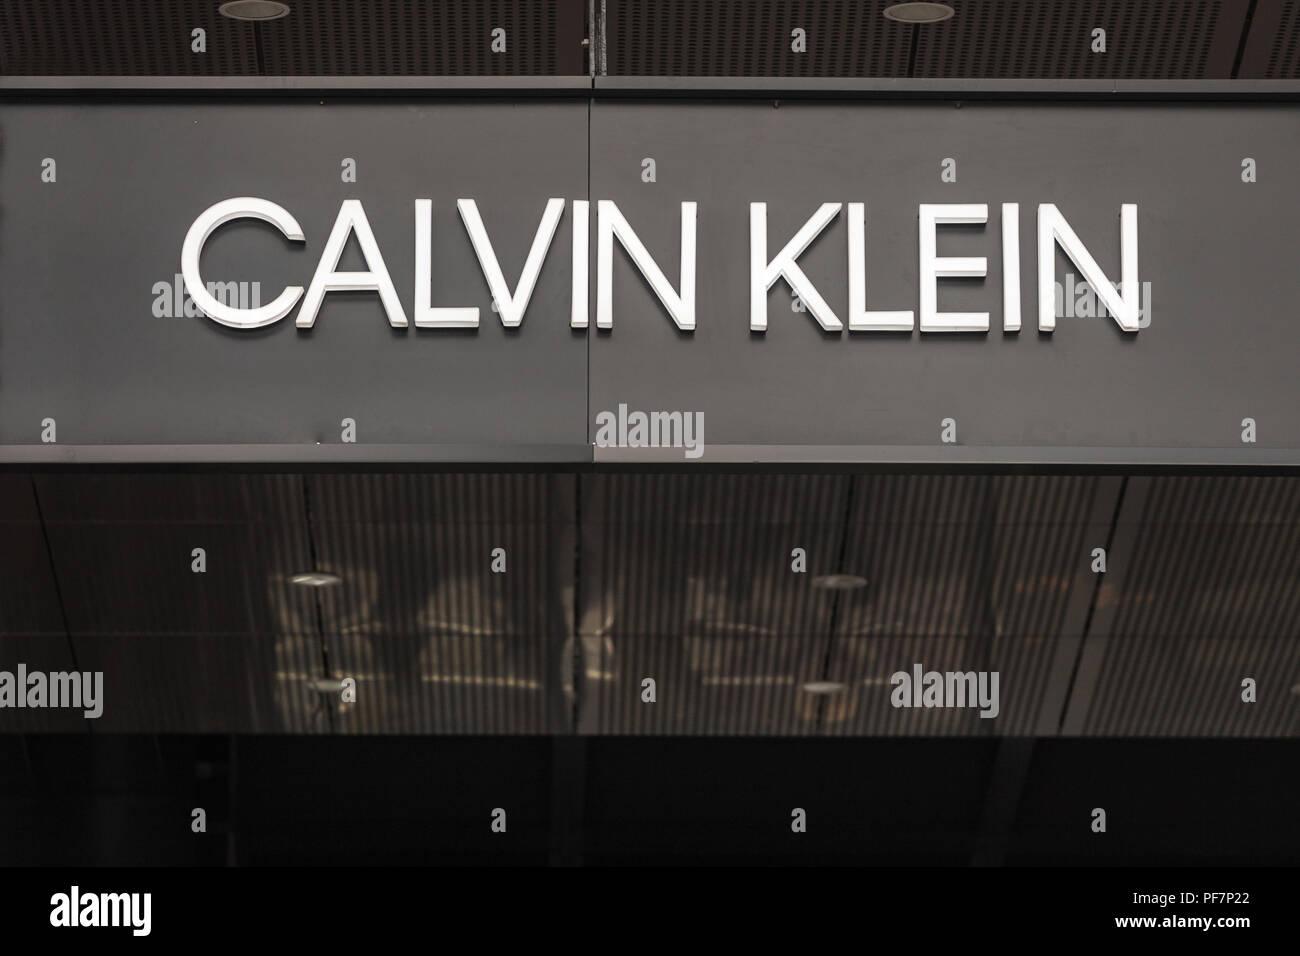 Belgrad, SERBIEN - 19. AUGUST 2018: Calvin Klein Logo auf ihren wichtigsten Store in Belgrad, Serbien. Calvin Klein ist eine US-amerikanische Fashion House und Luxus goo Stockfoto